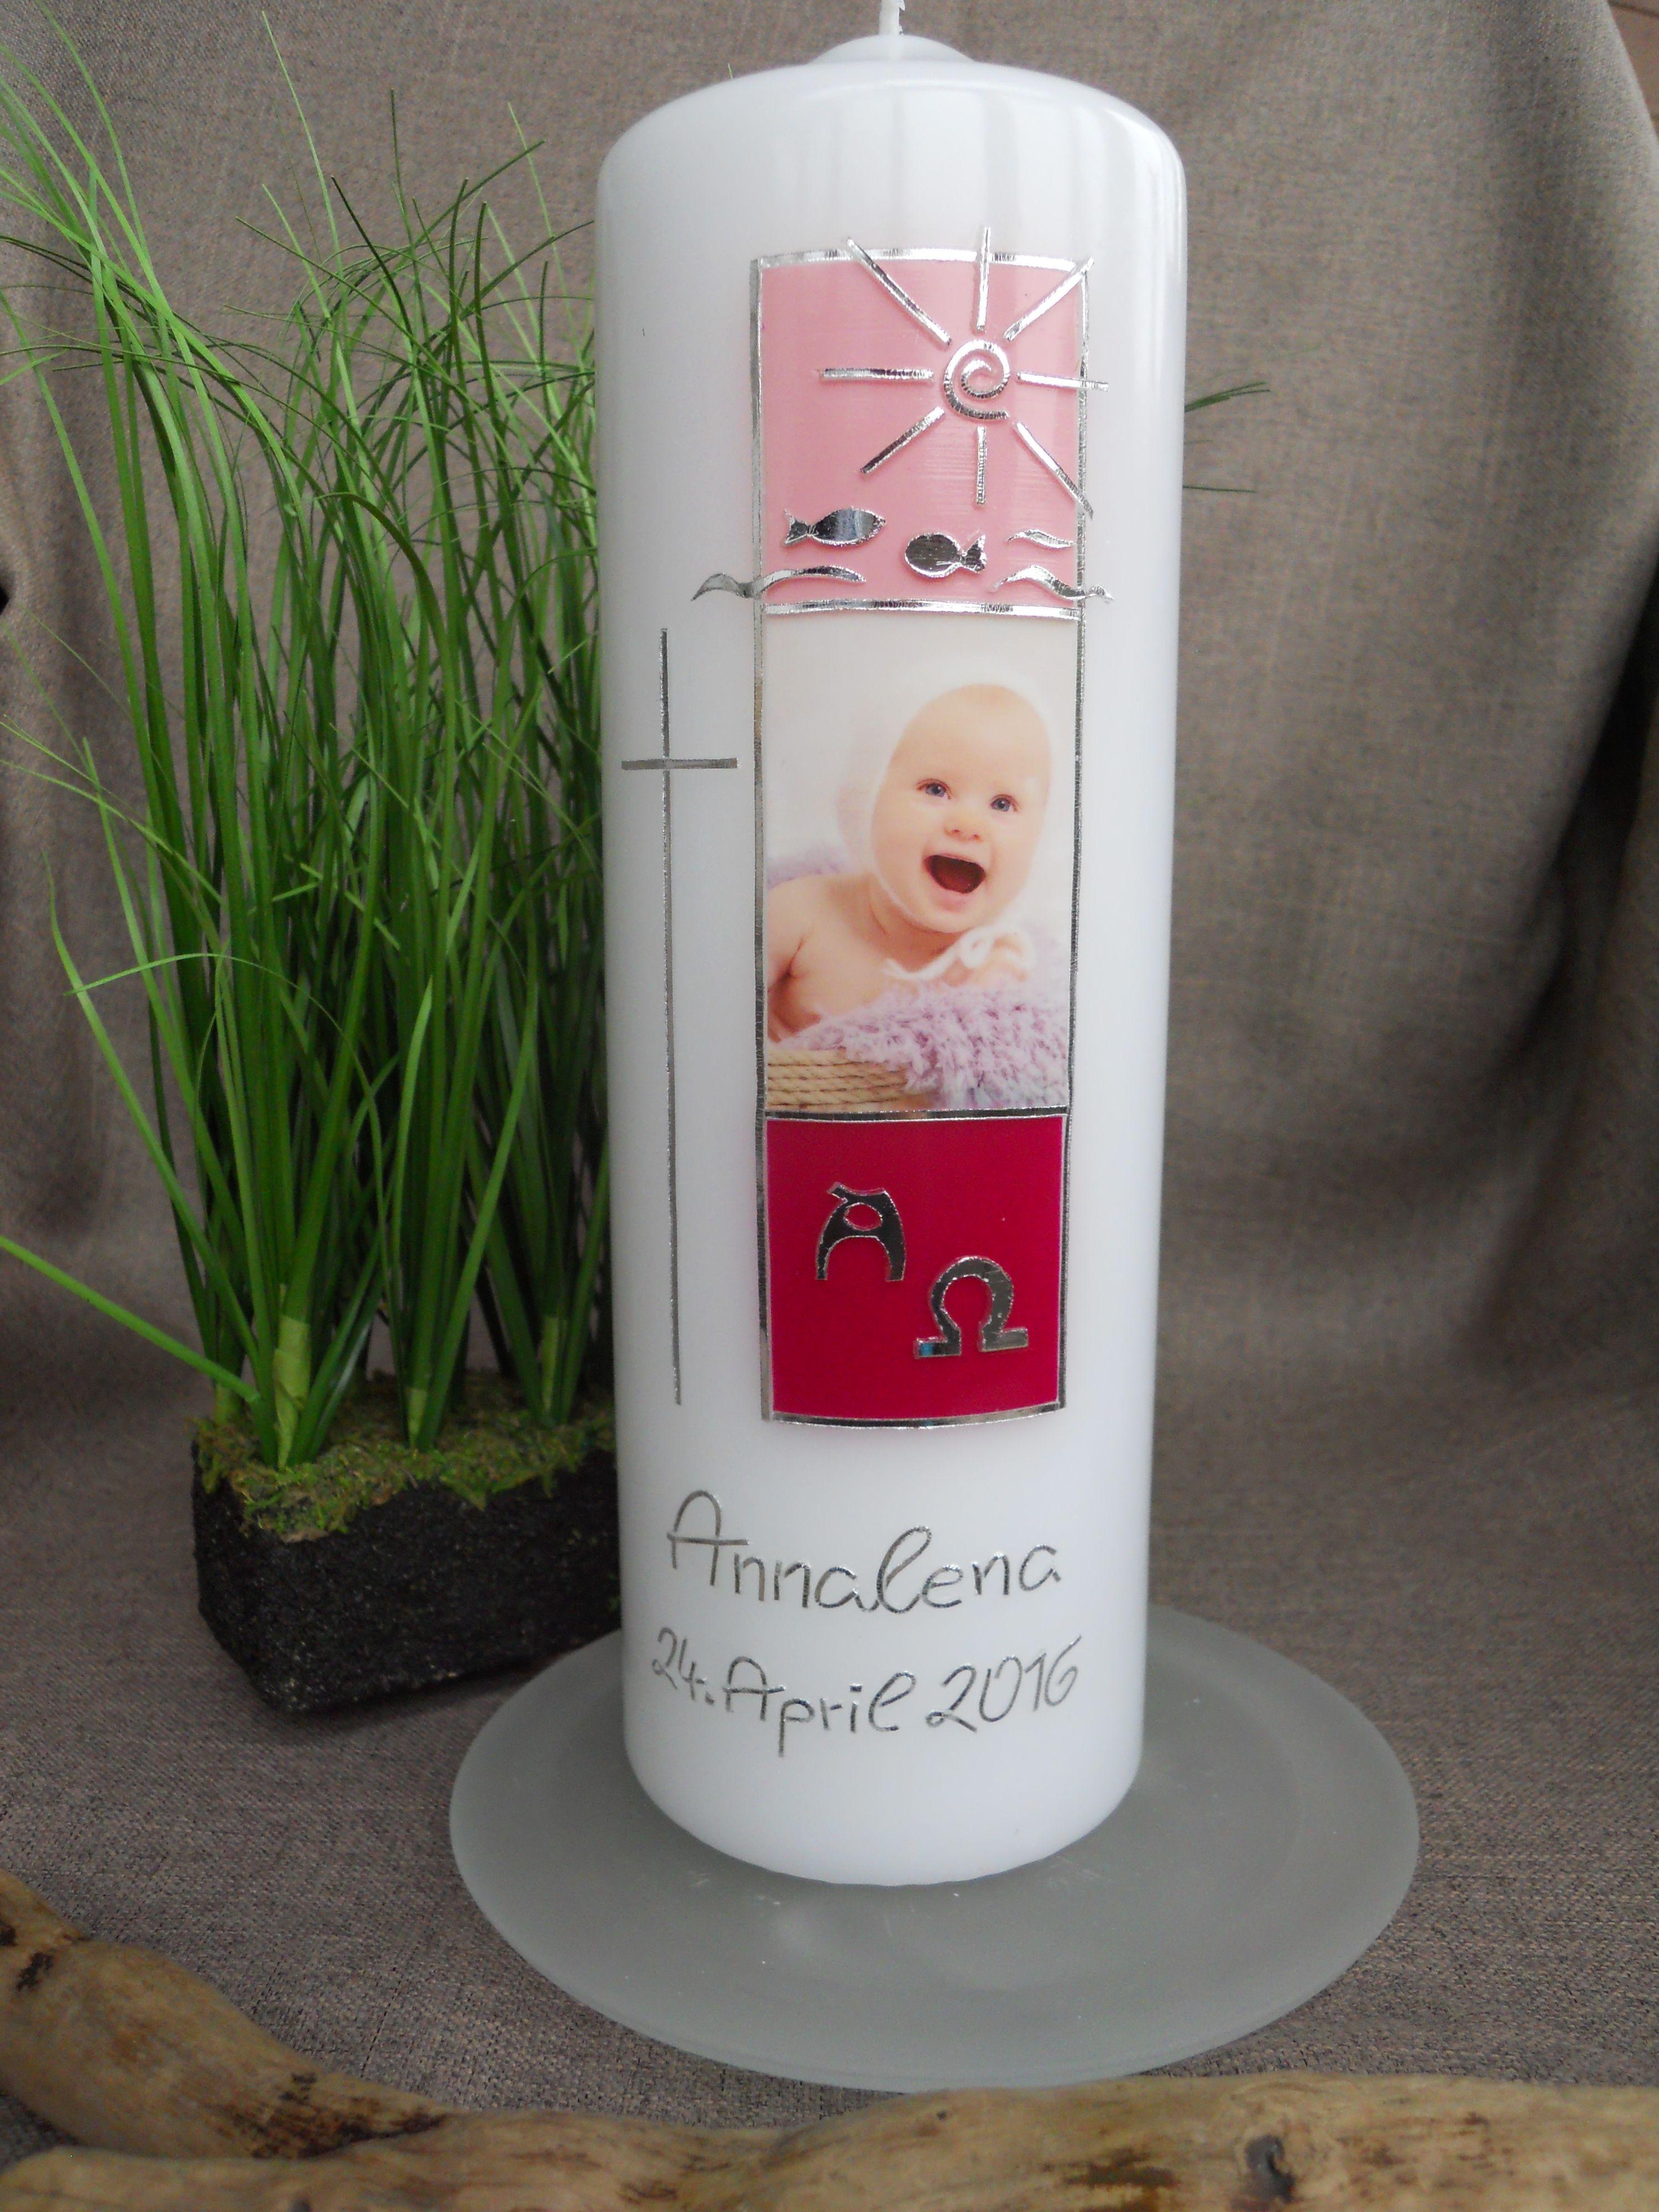 Taufkerze Babyfoto Baby Geburt rosa Fuabdruck Mdchen Storch  Taufkerzen Taufe Baby Geburt